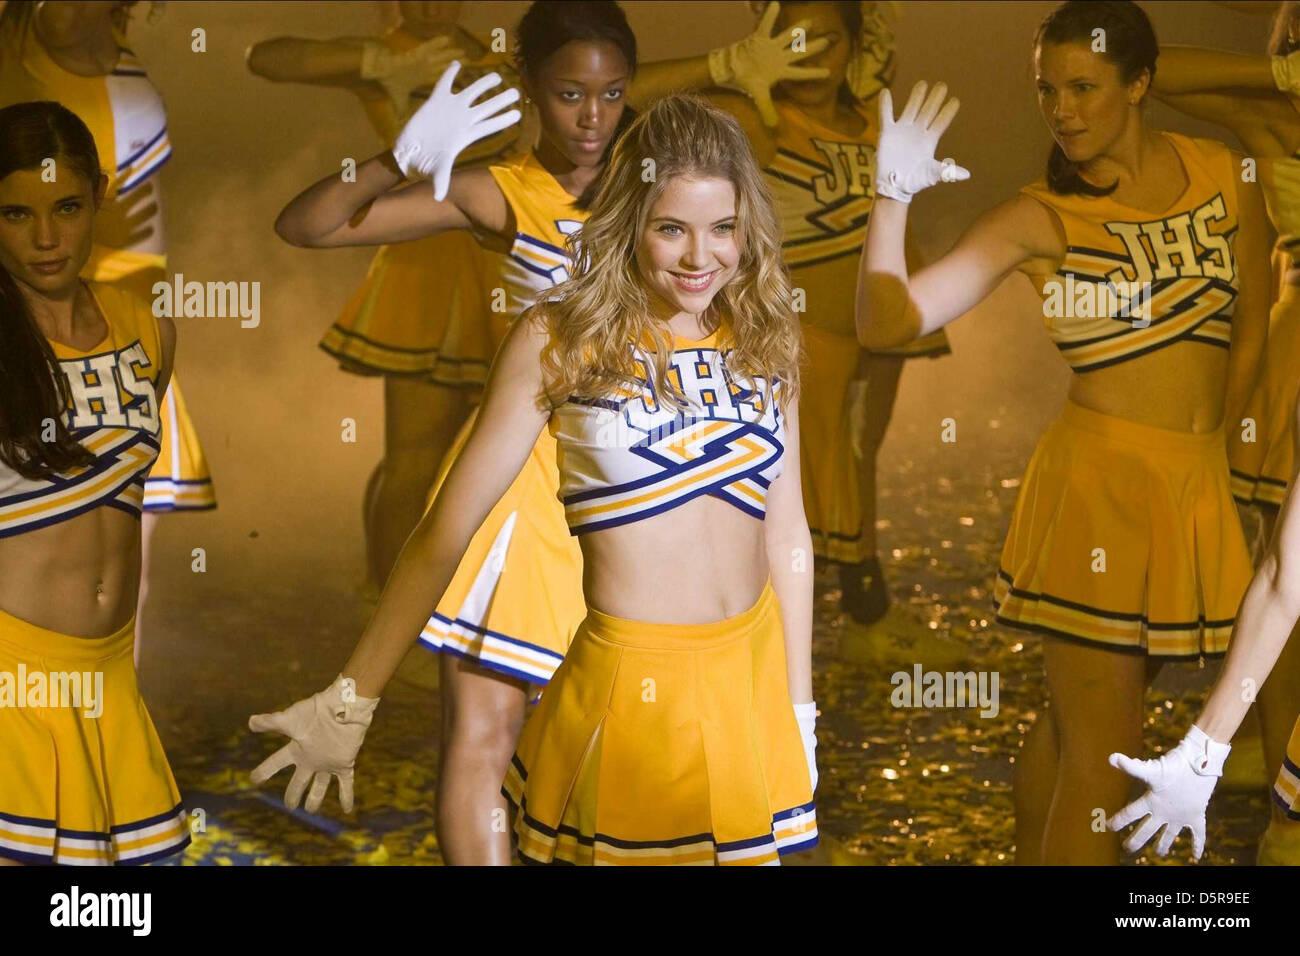 Fab five texas cheerleader scandel, miranda cosgrove studing